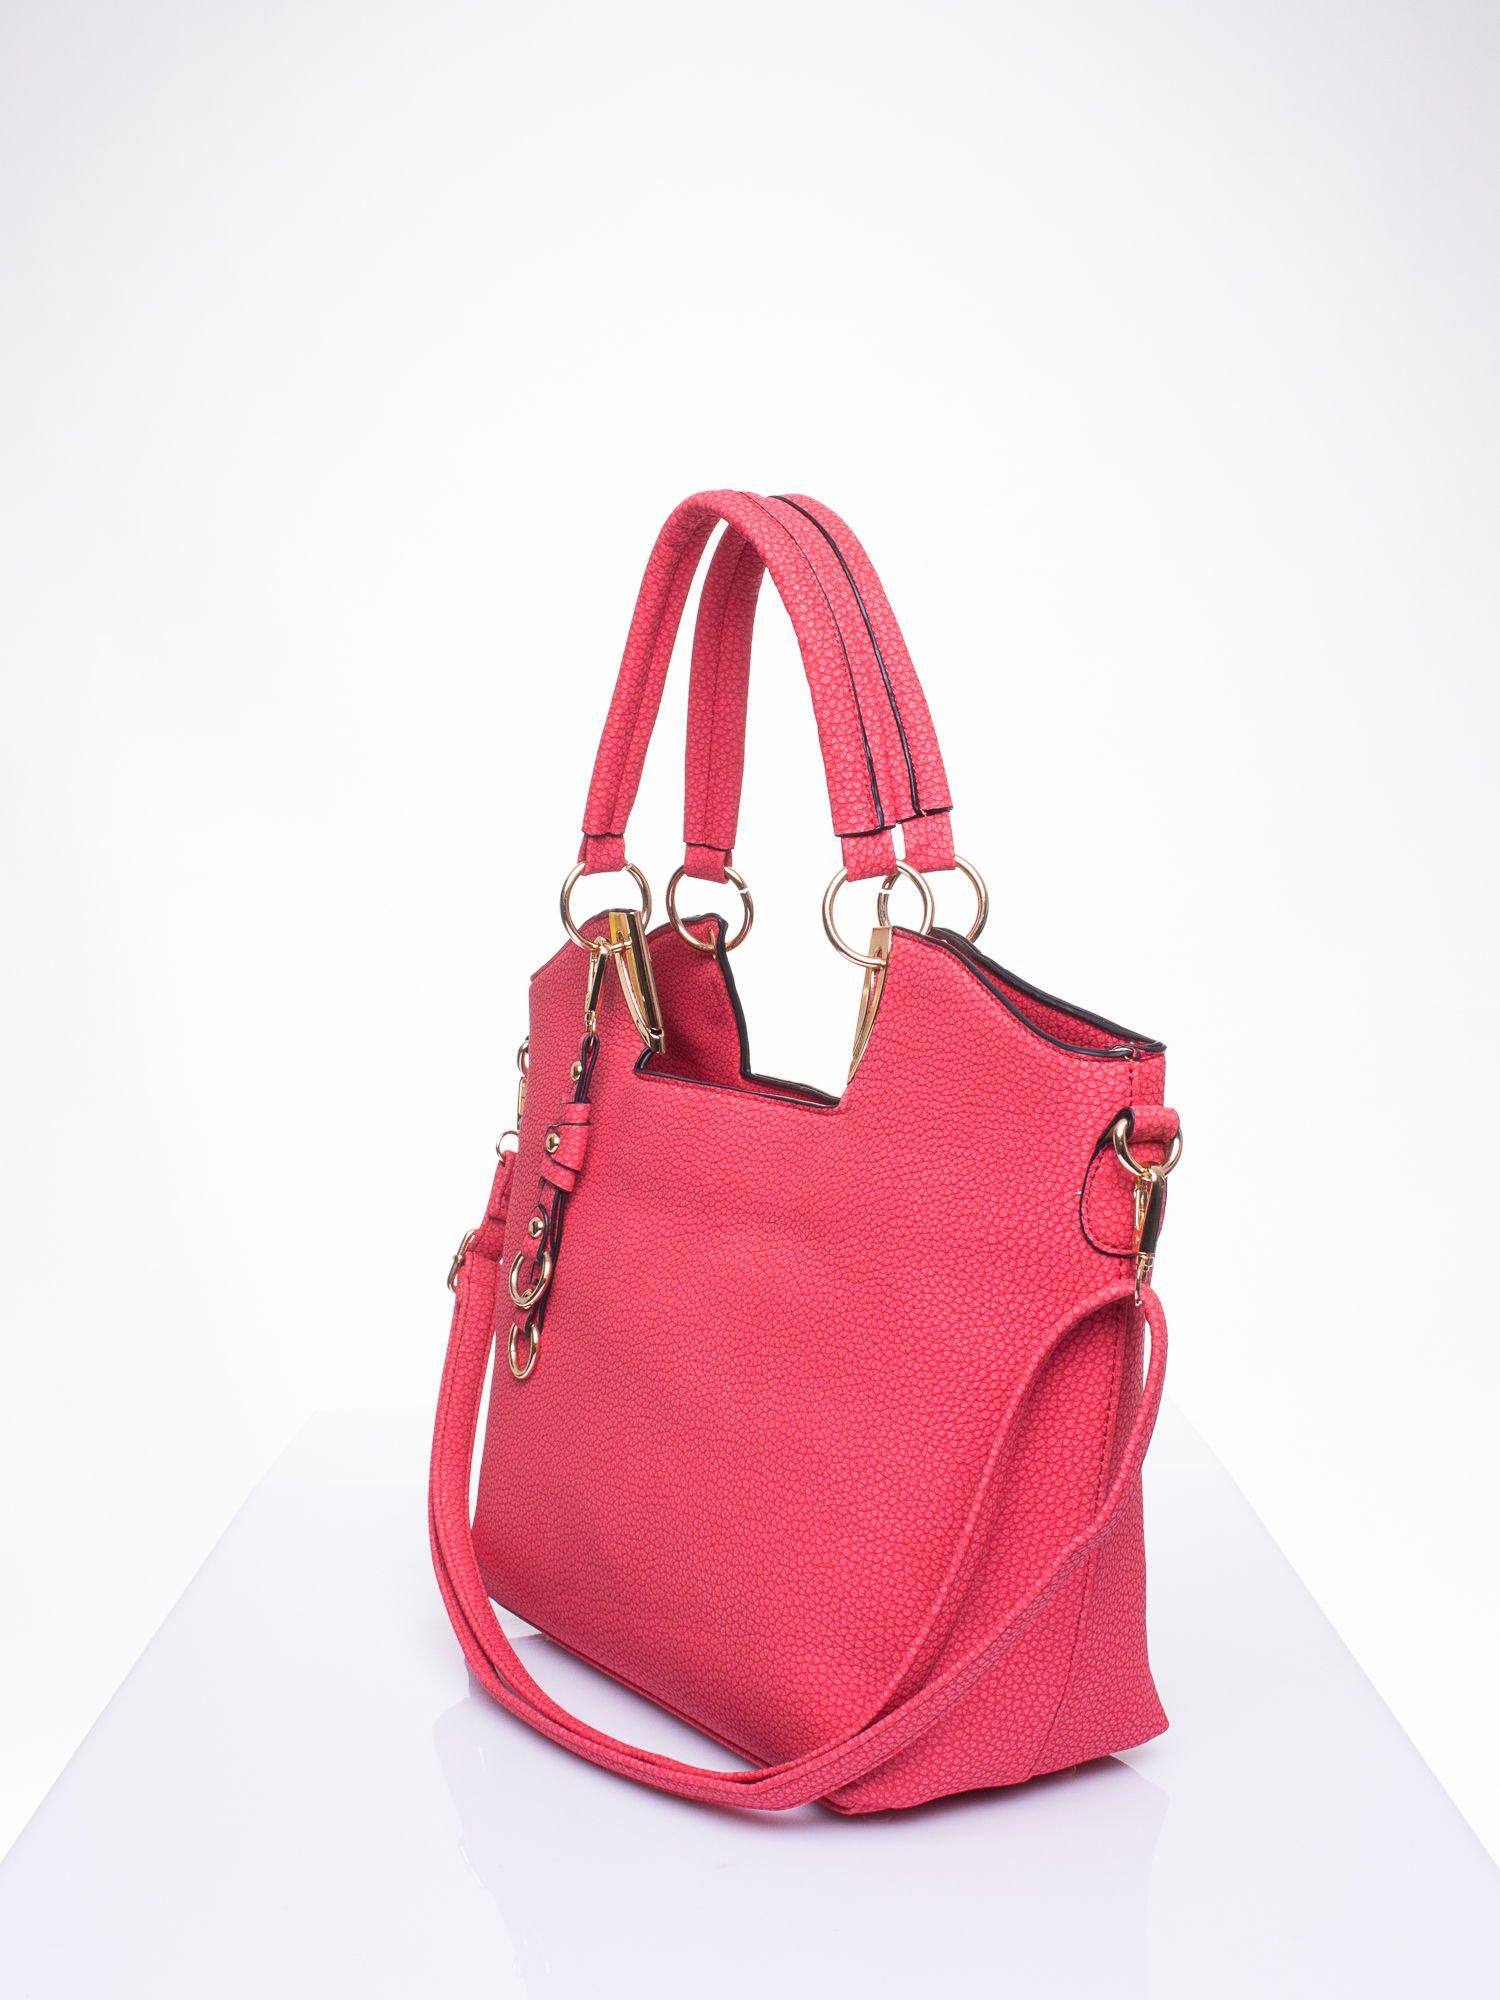 Czerwona torebka miejska z ozdobną przypinką                                  zdj.                                  2